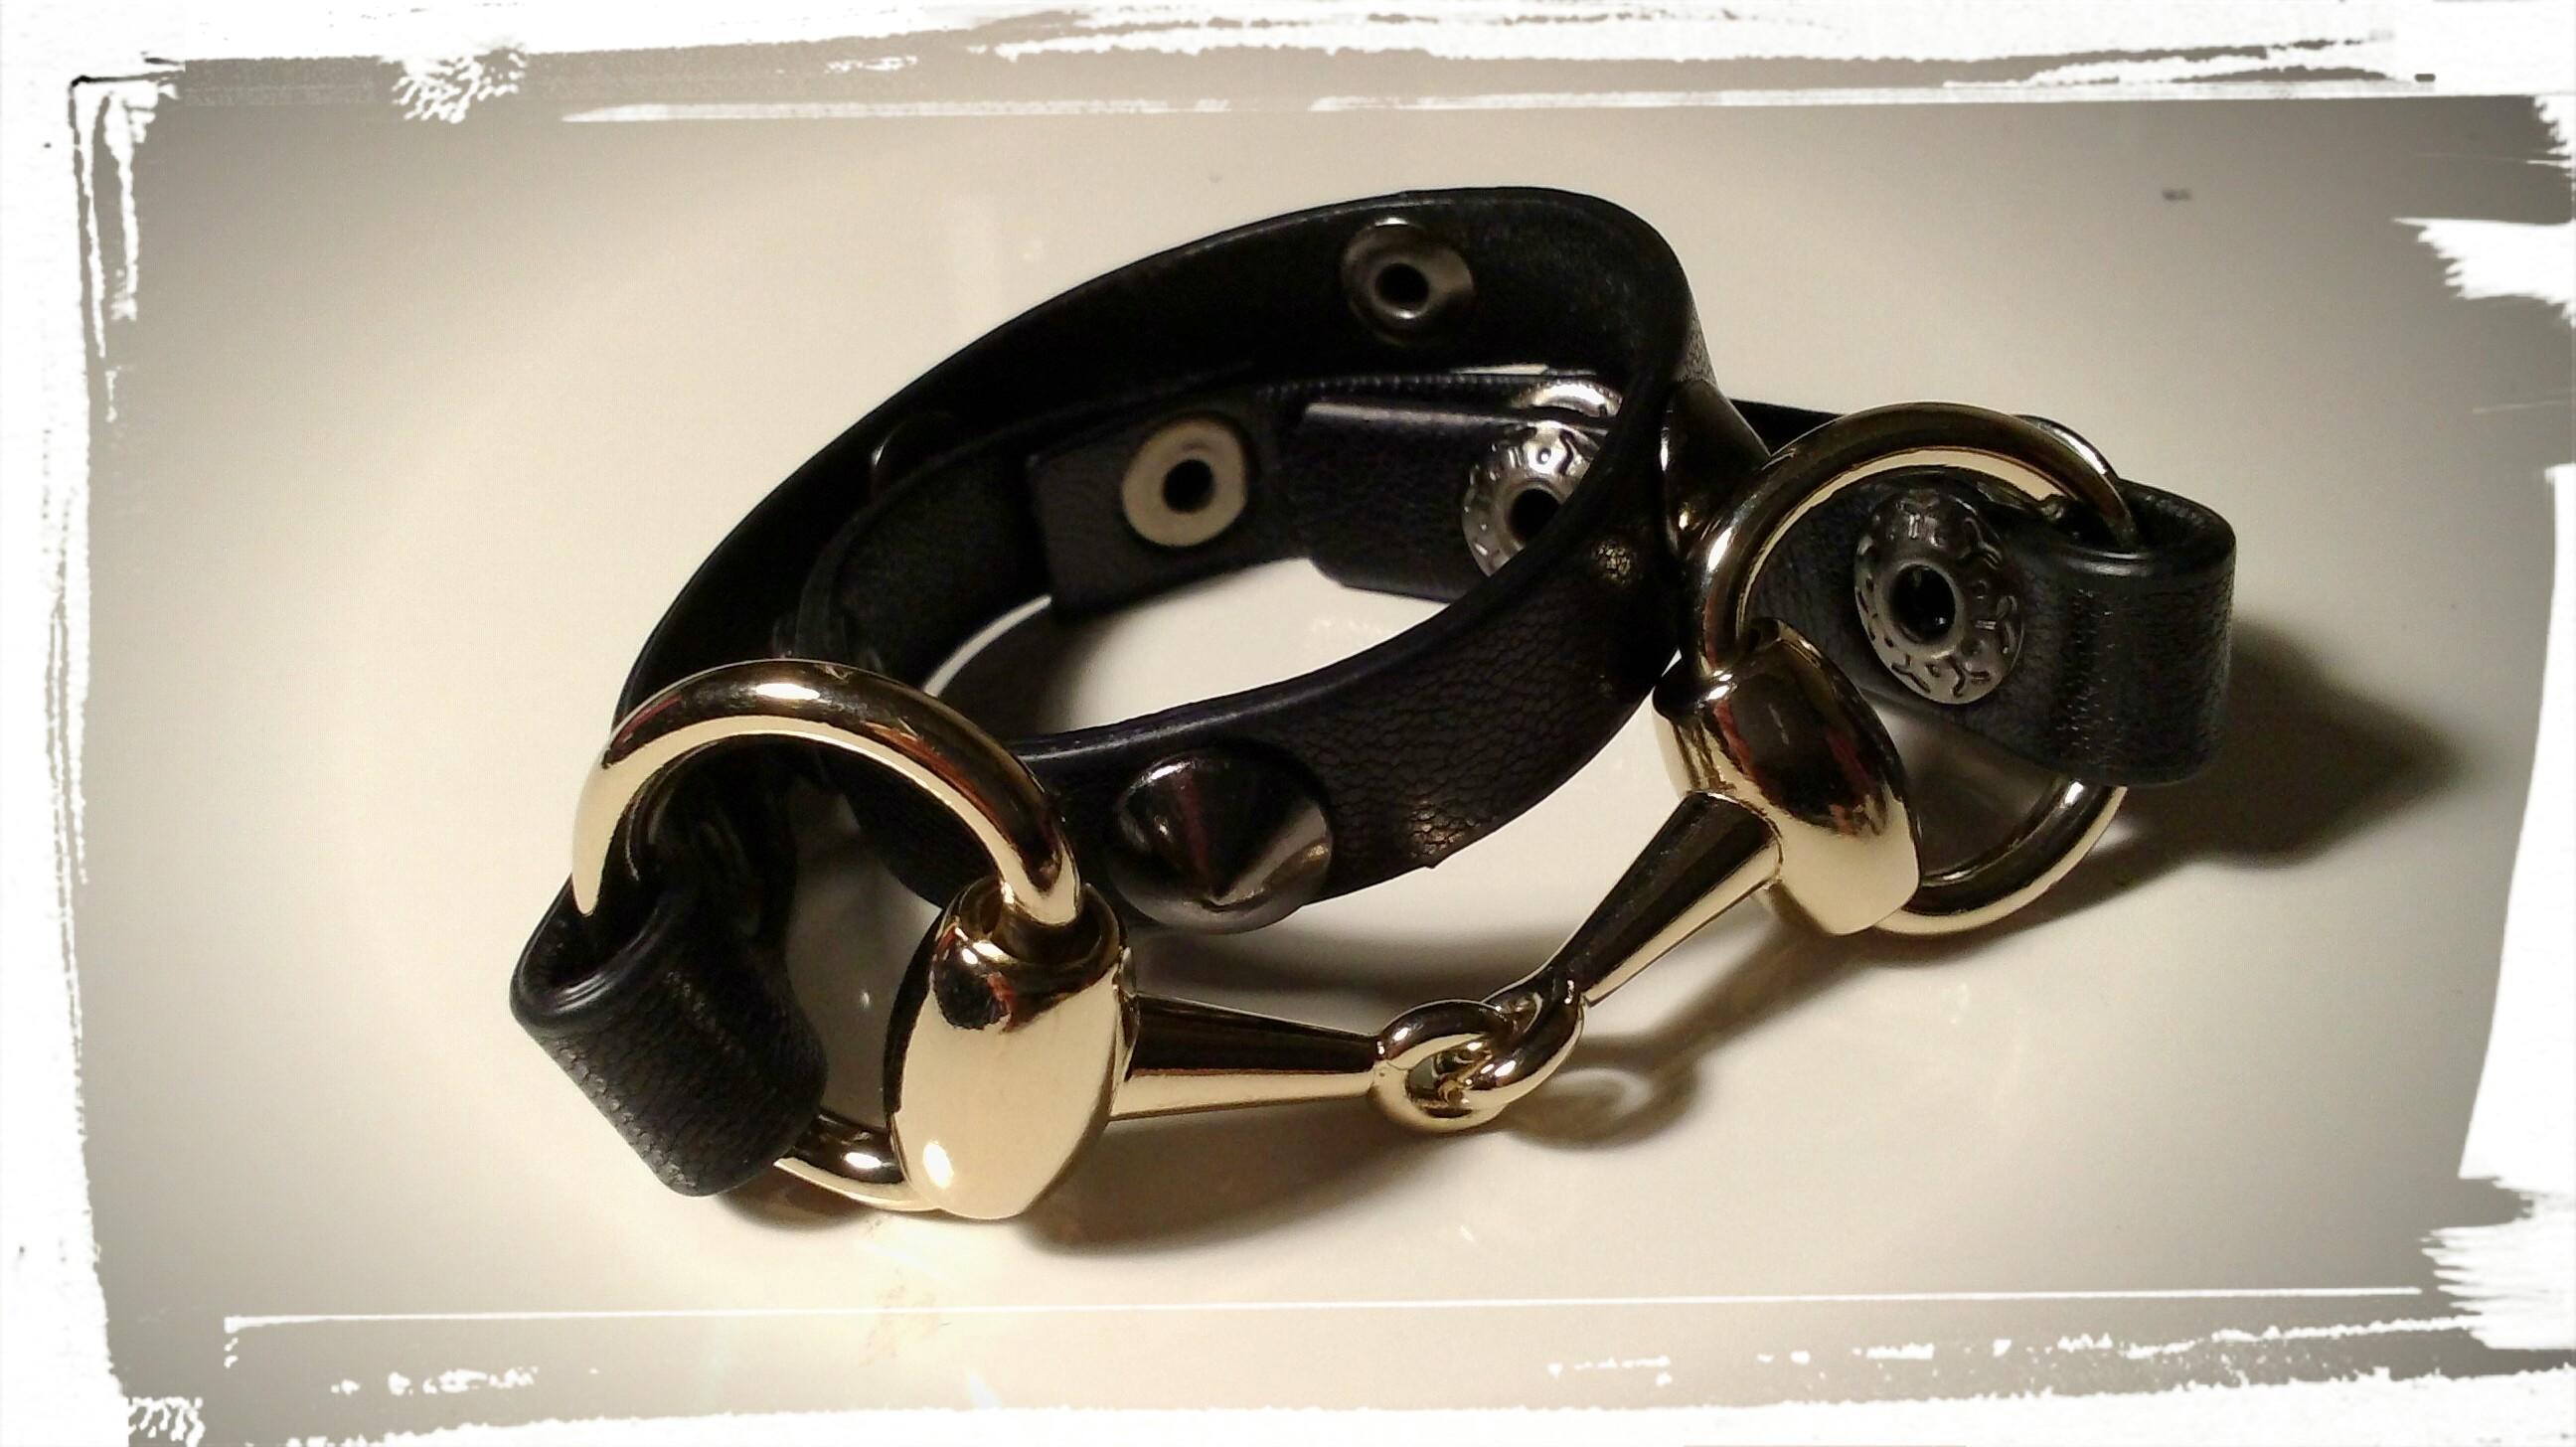 braccialetto doppio giro in pelle nera